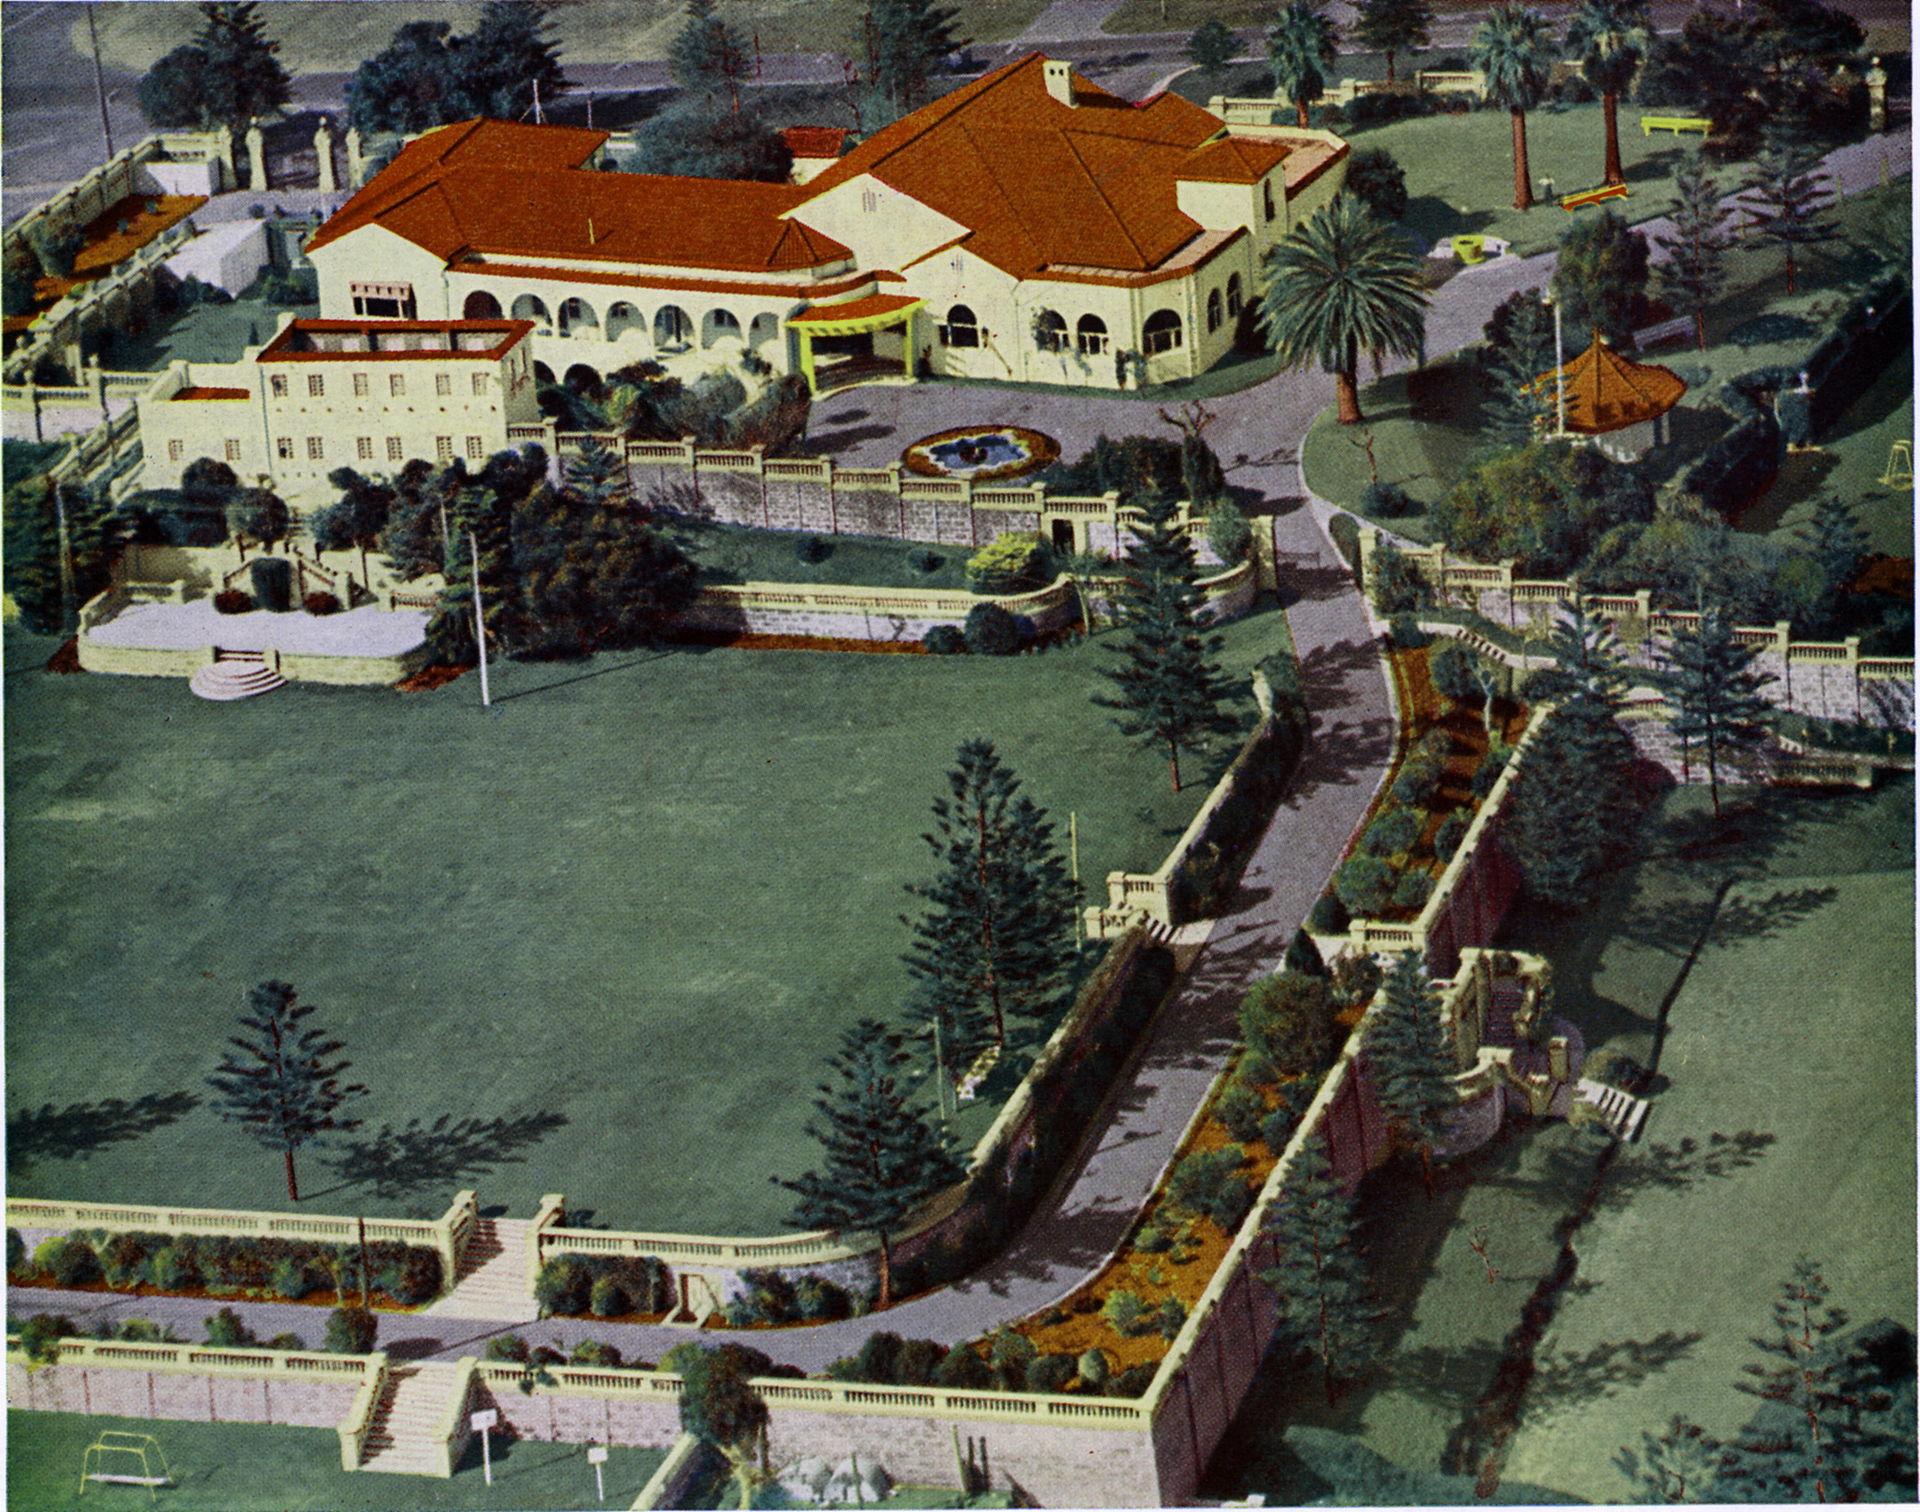 Cottesloe Civic Centre Wikipedia